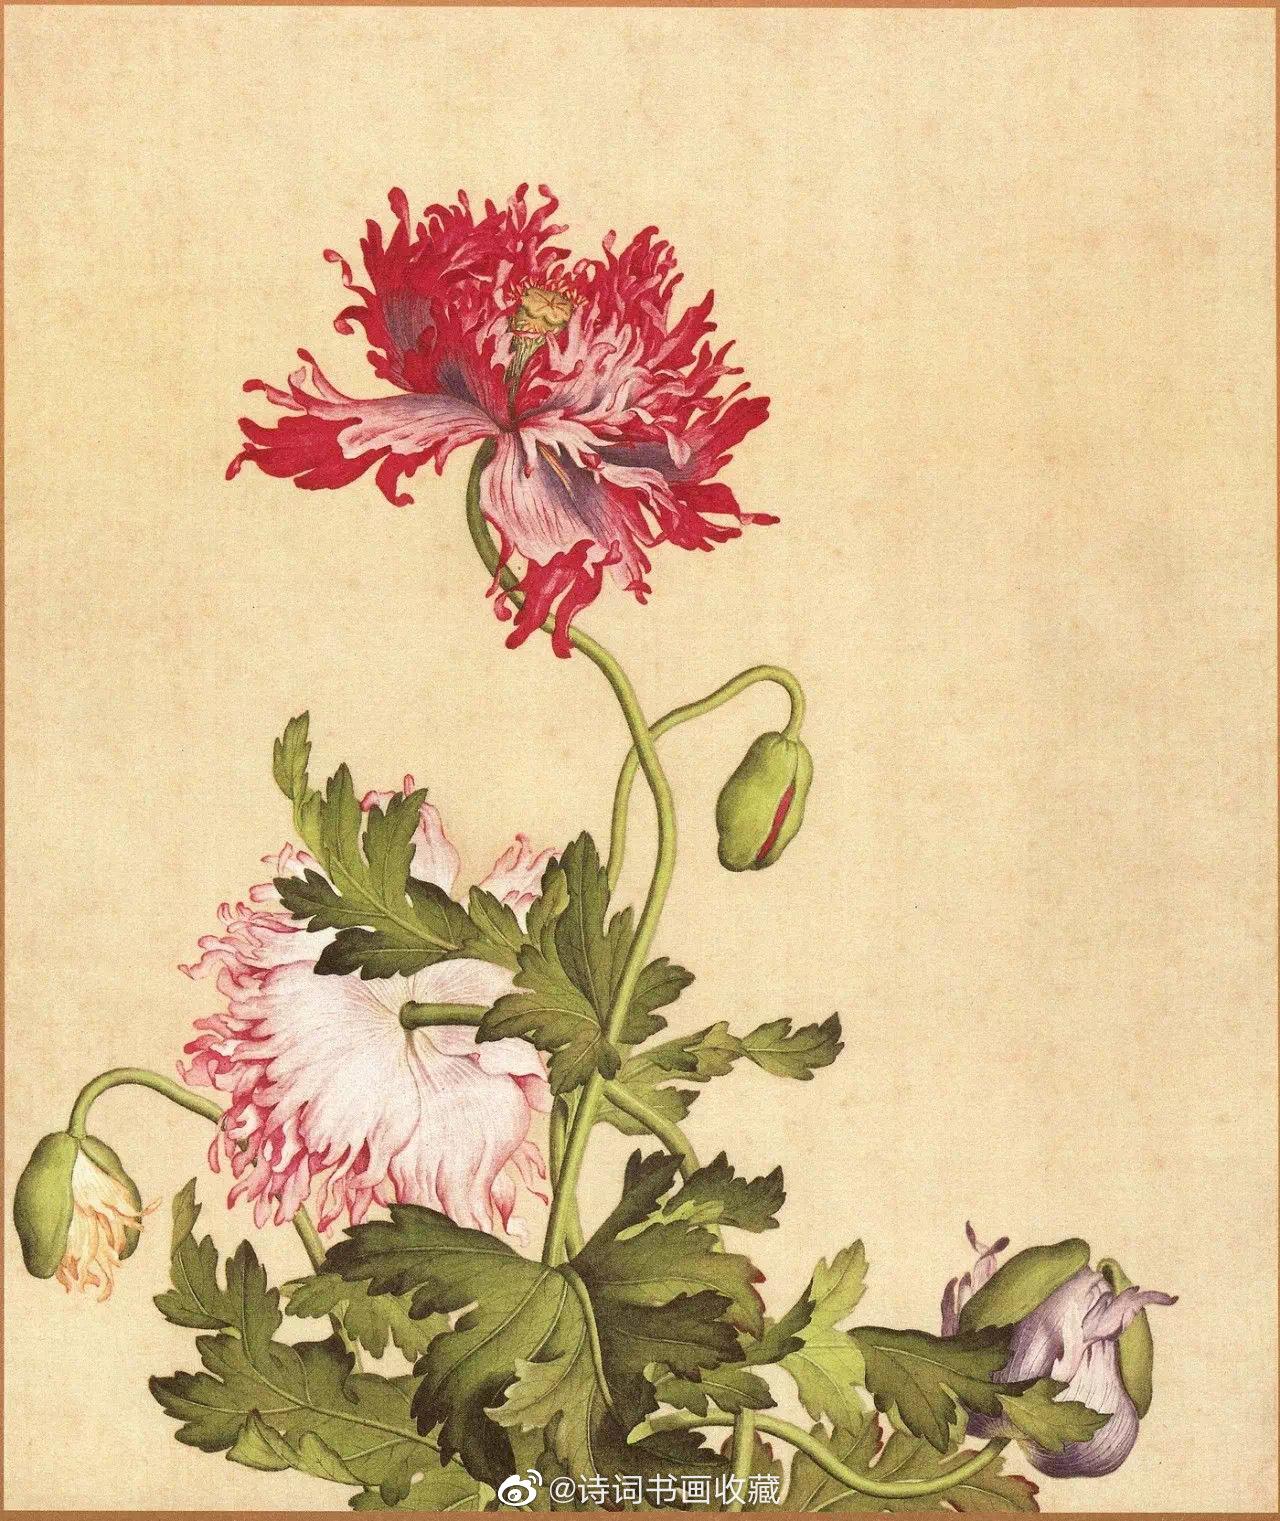 清·郎世宁《仙萼长春图册》欣赏